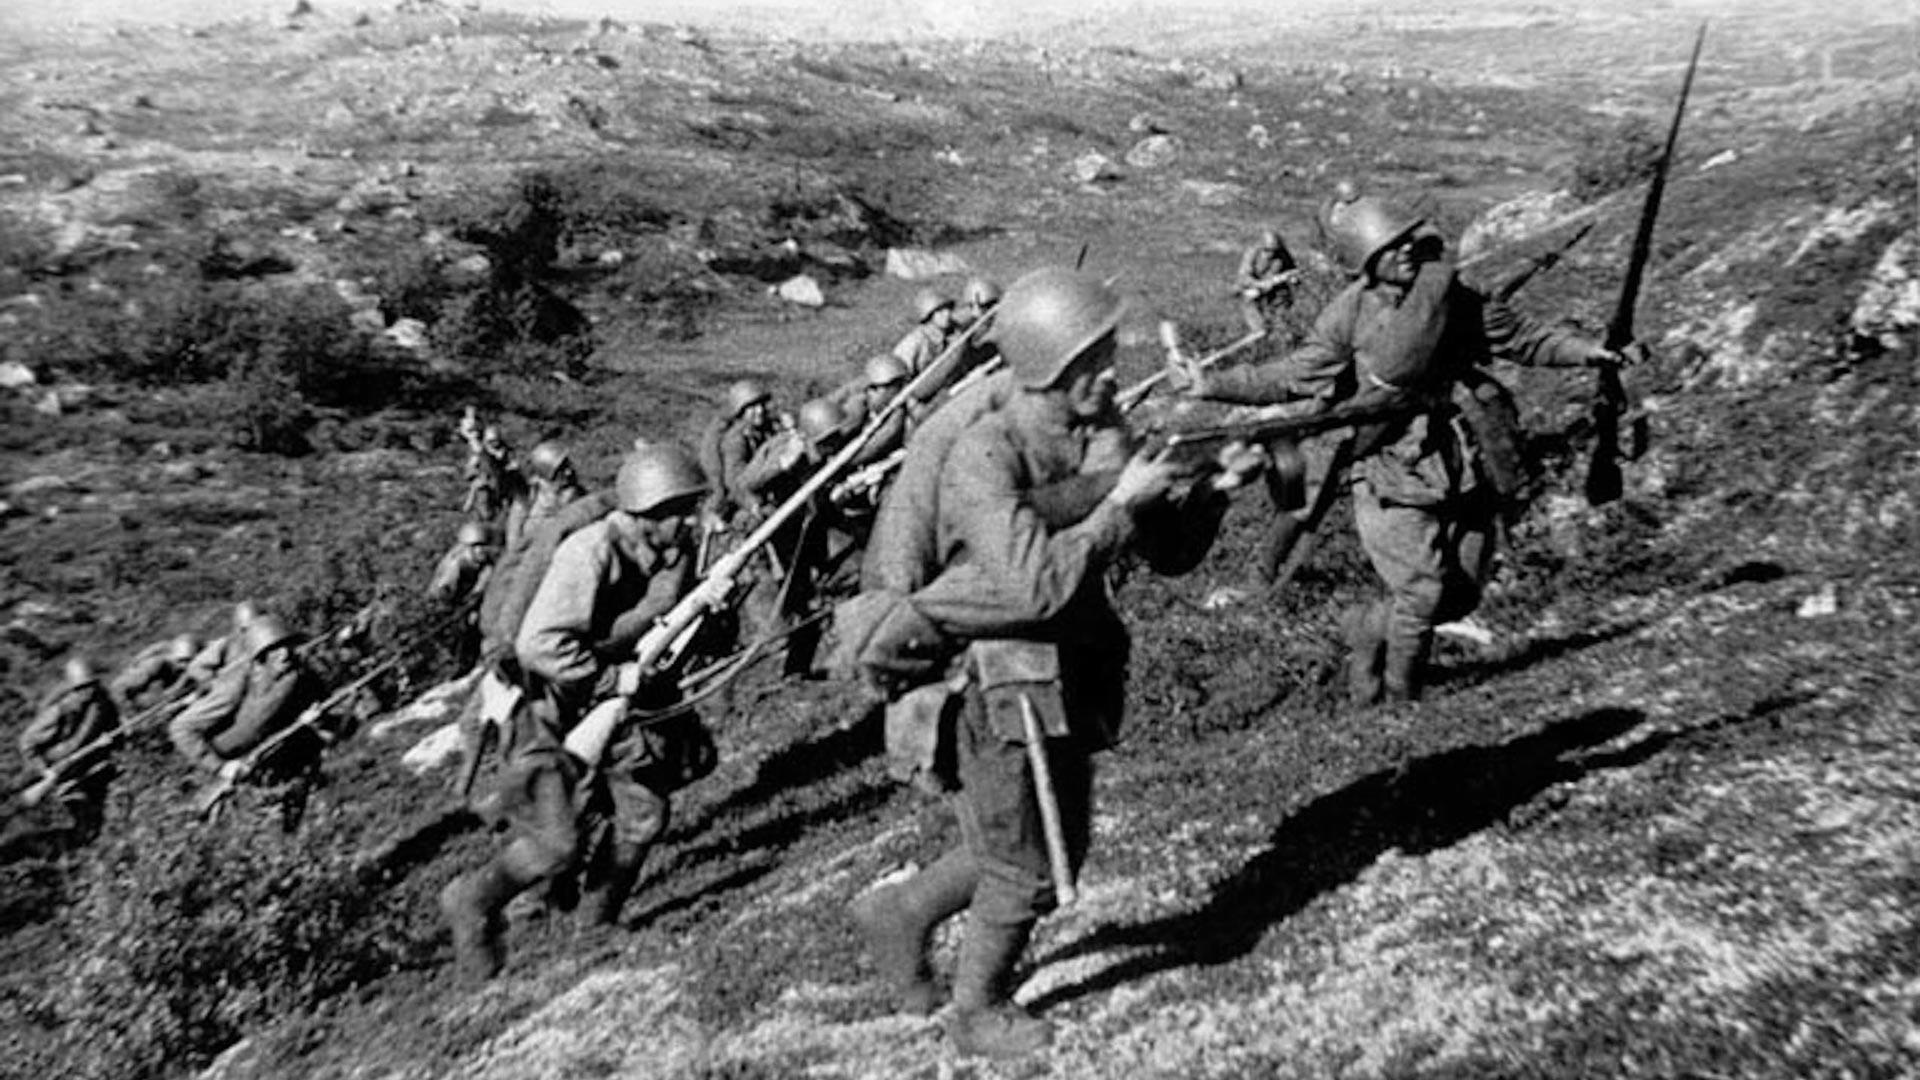 Руски војници у офанзивној операцији Петсамо-Киркенес 1944. године.